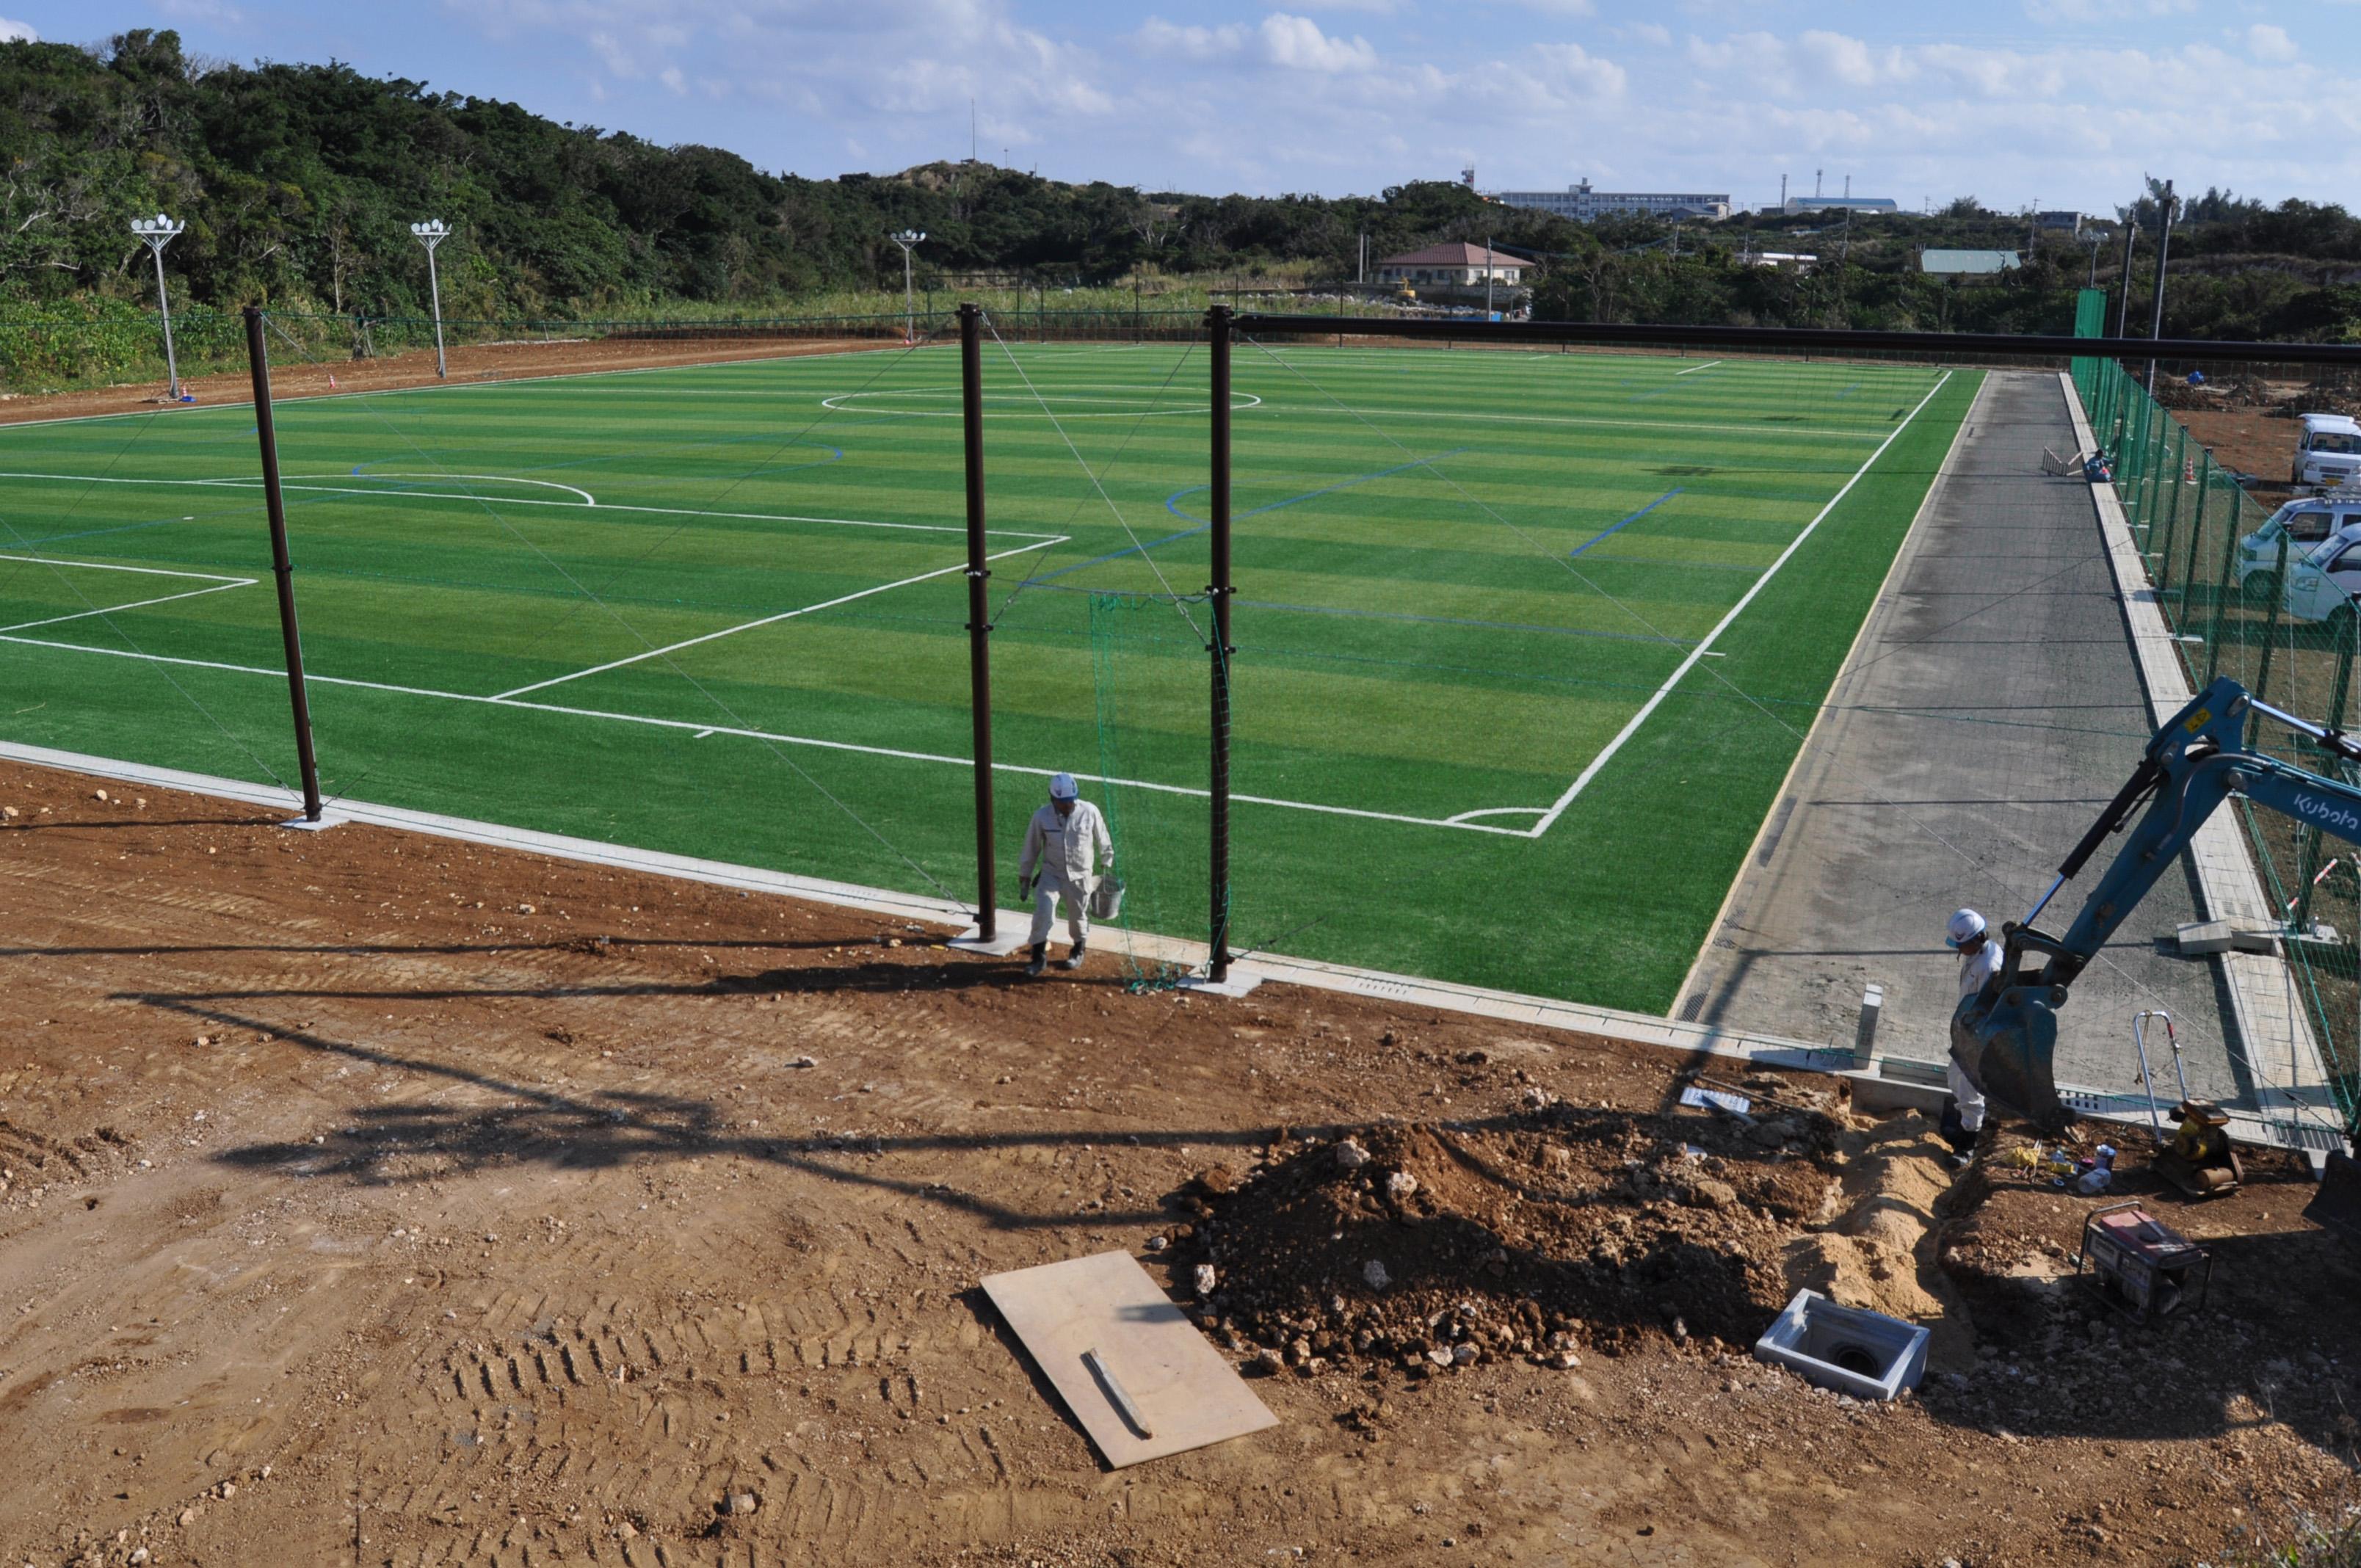 与論町多目的運動広場に人工芝サッカー場完成 | 南海日日新聞